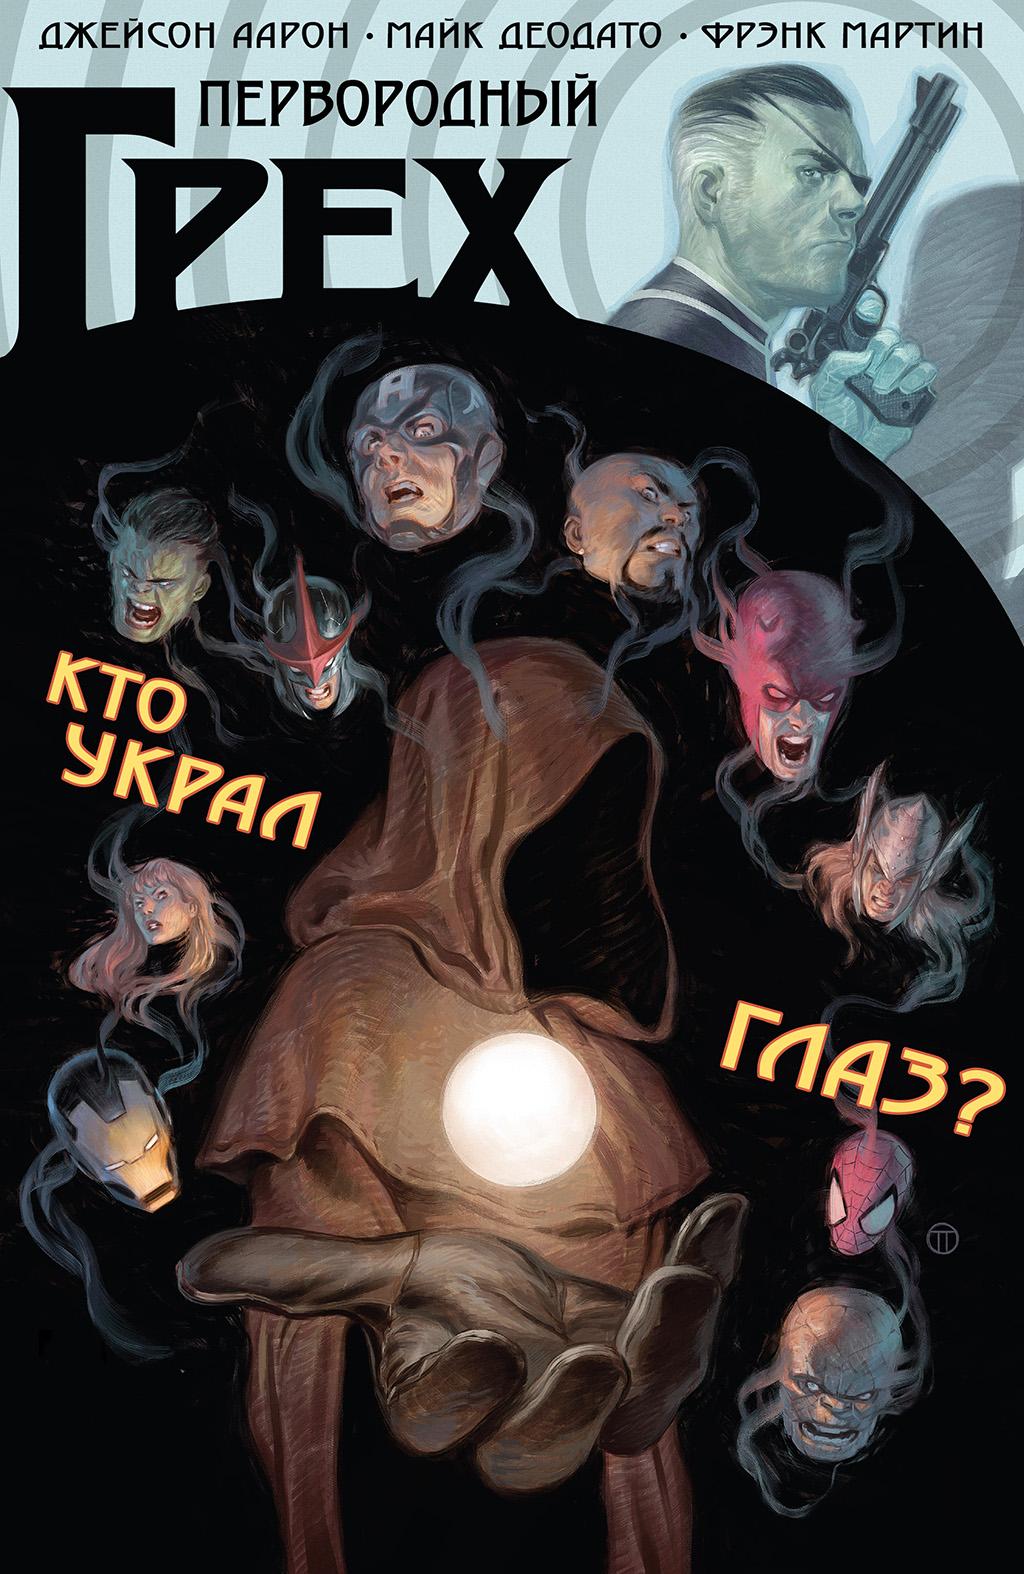 Комикс Первородный Грех